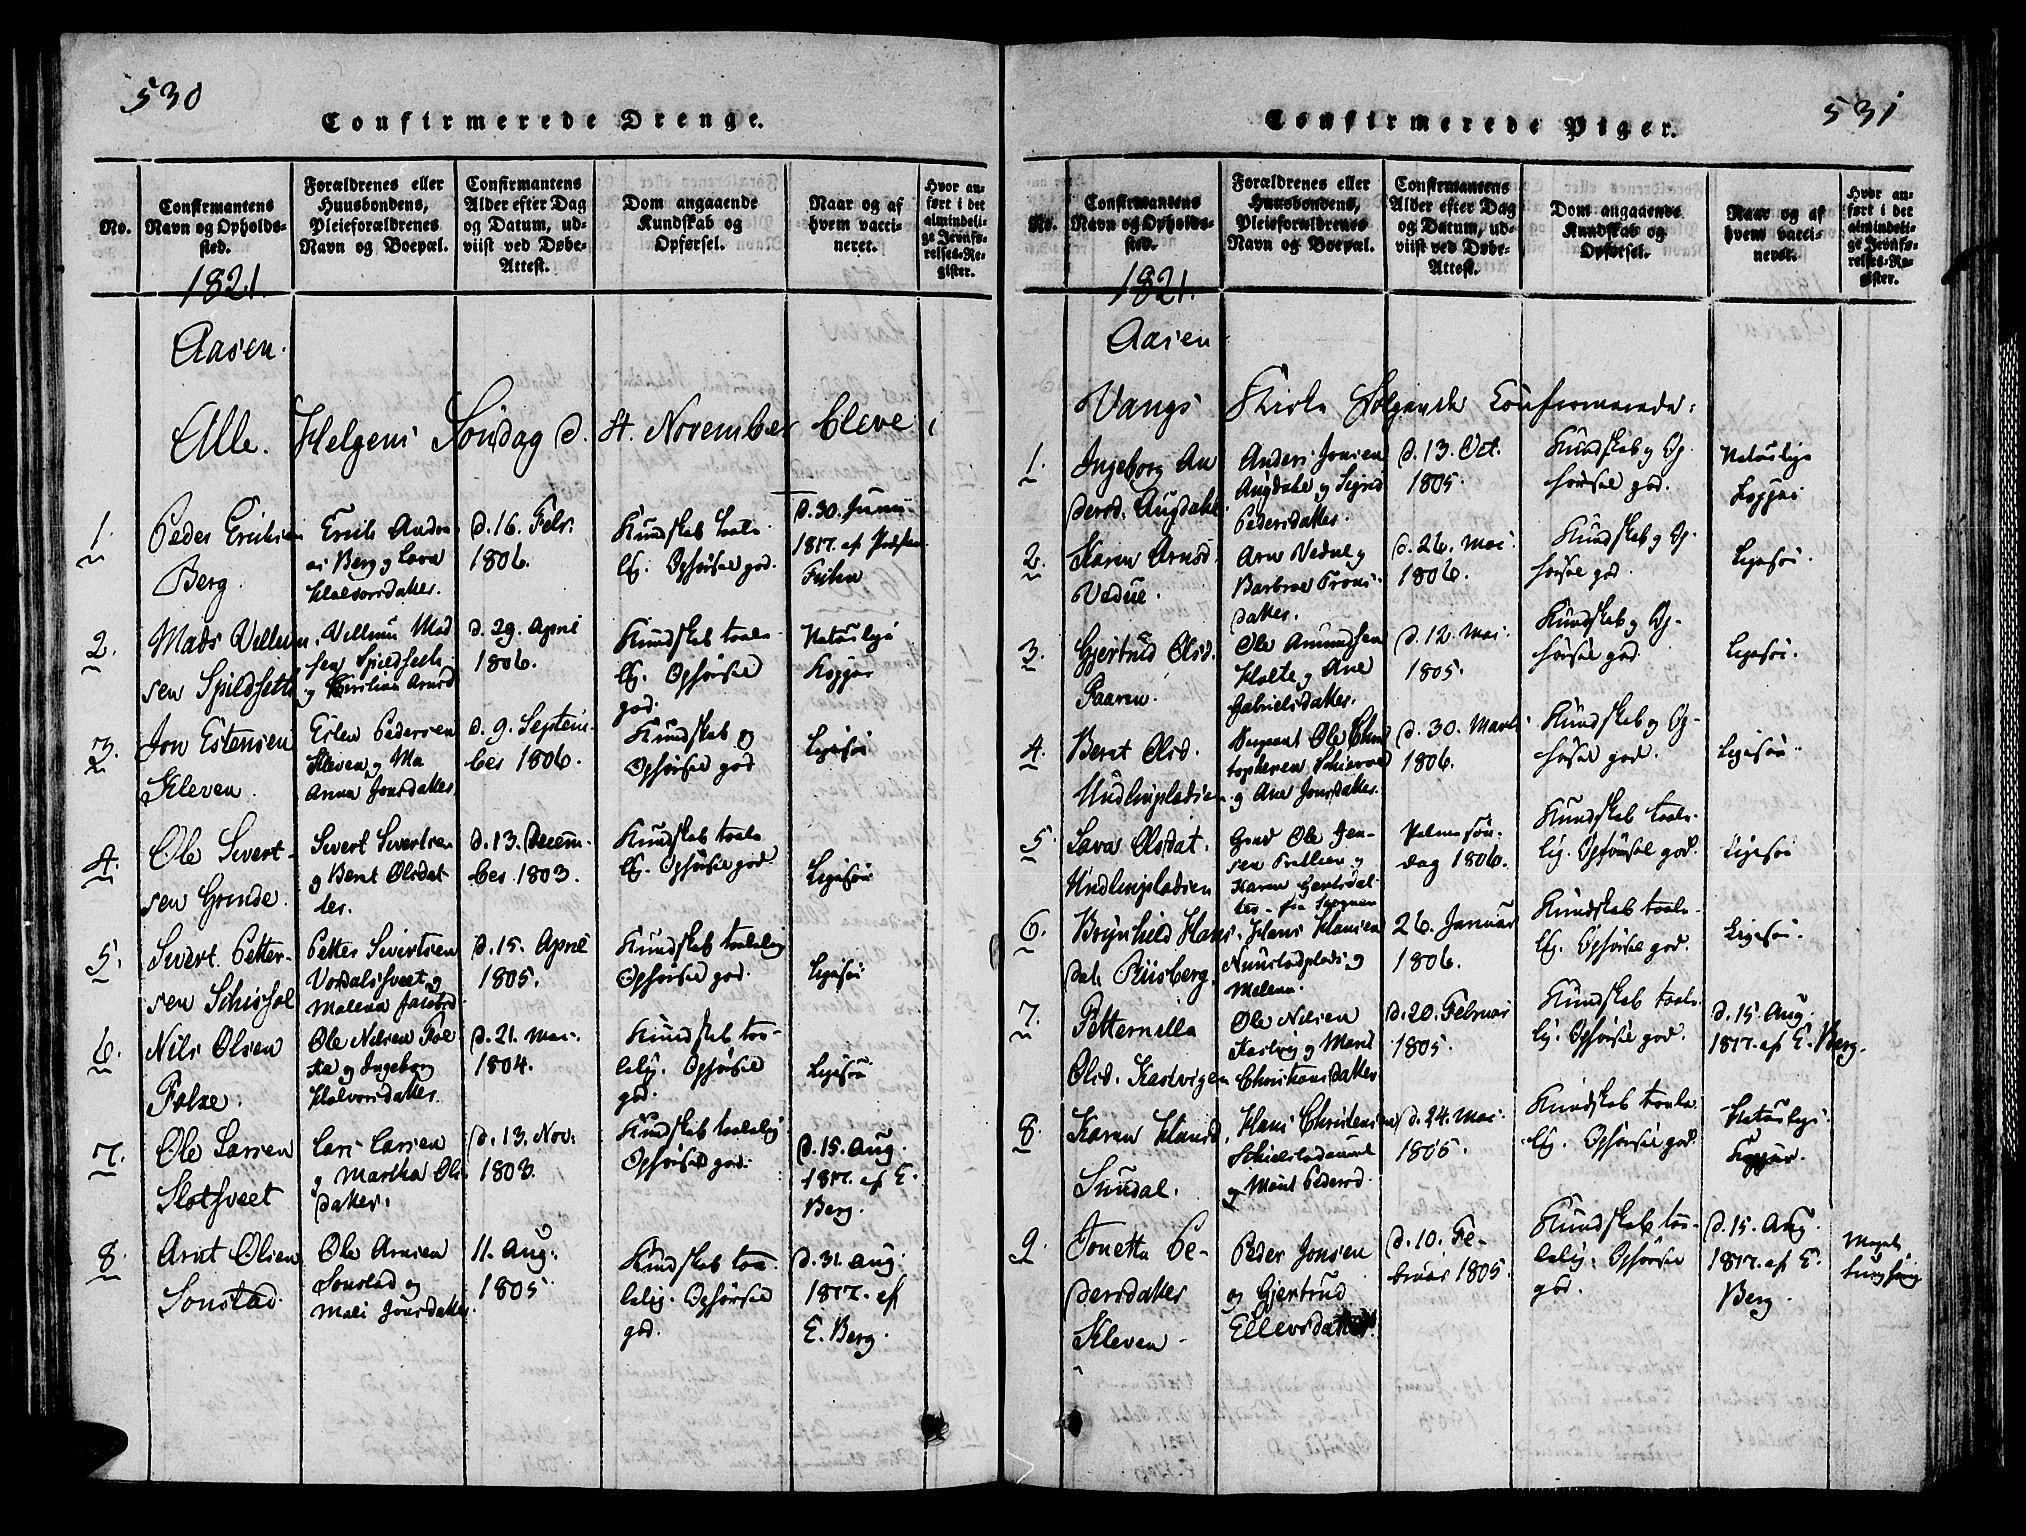 SAT, Ministerialprotokoller, klokkerbøker og fødselsregistre - Nord-Trøndelag, 713/L0112: Ministerialbok nr. 713A04 /2, 1817-1827, s. 530-531